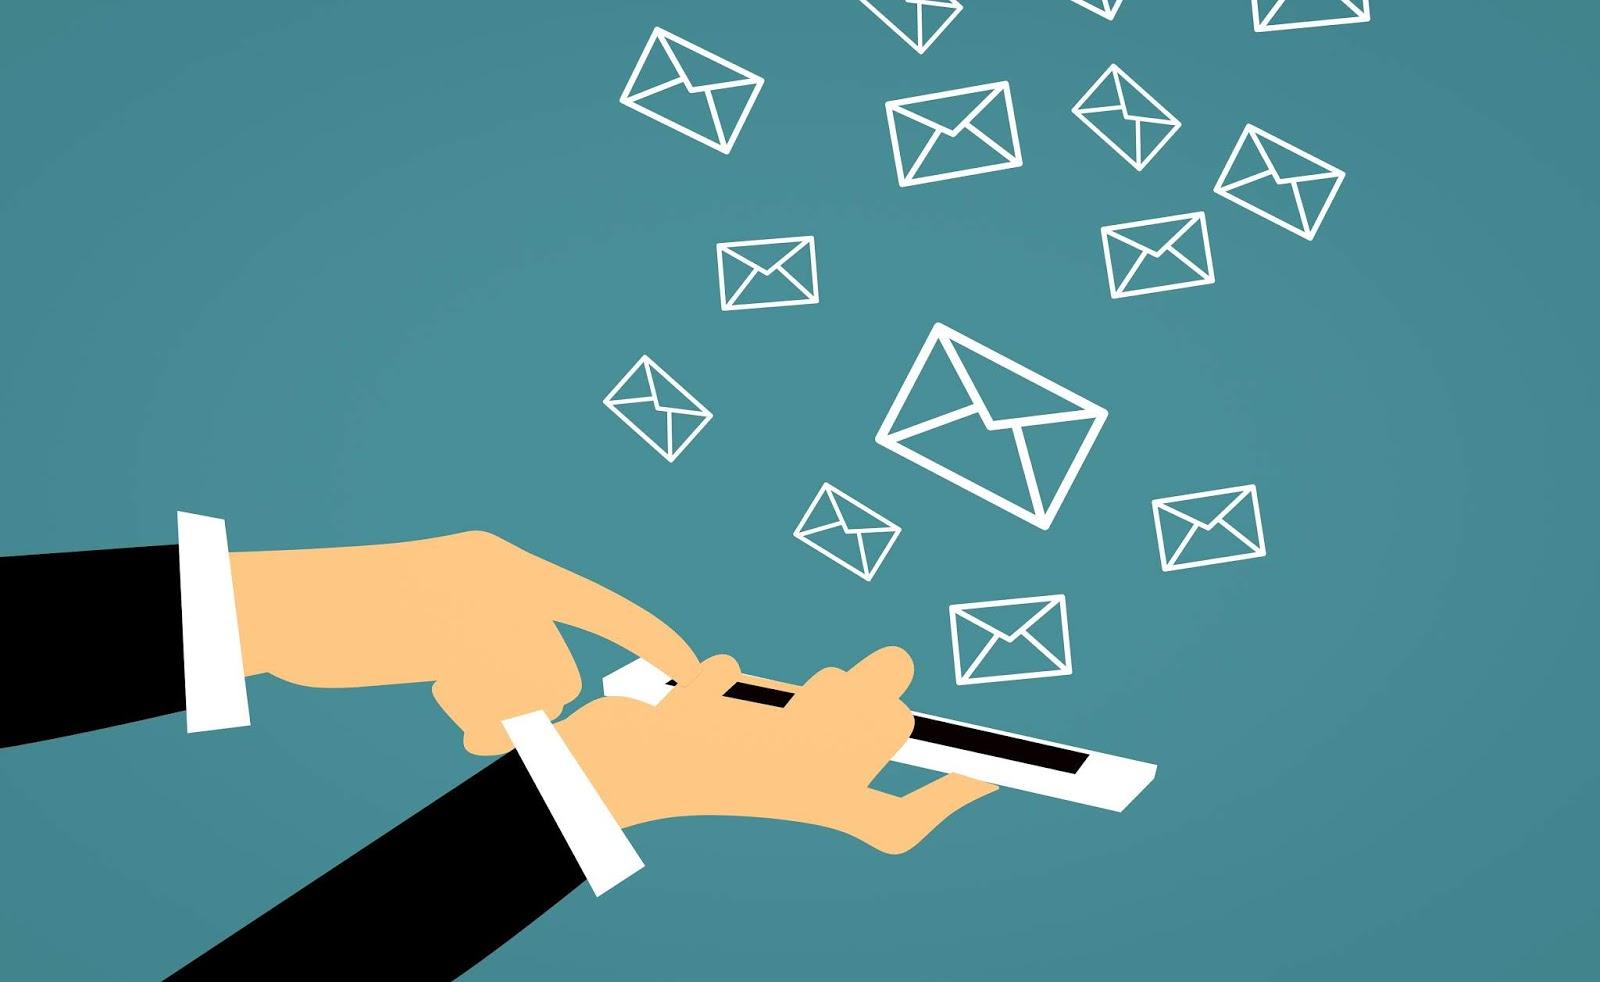 تطبيق puls sms لإرسال و مزامنة الرسائل النصية على جميع اجهزة الاندرويد